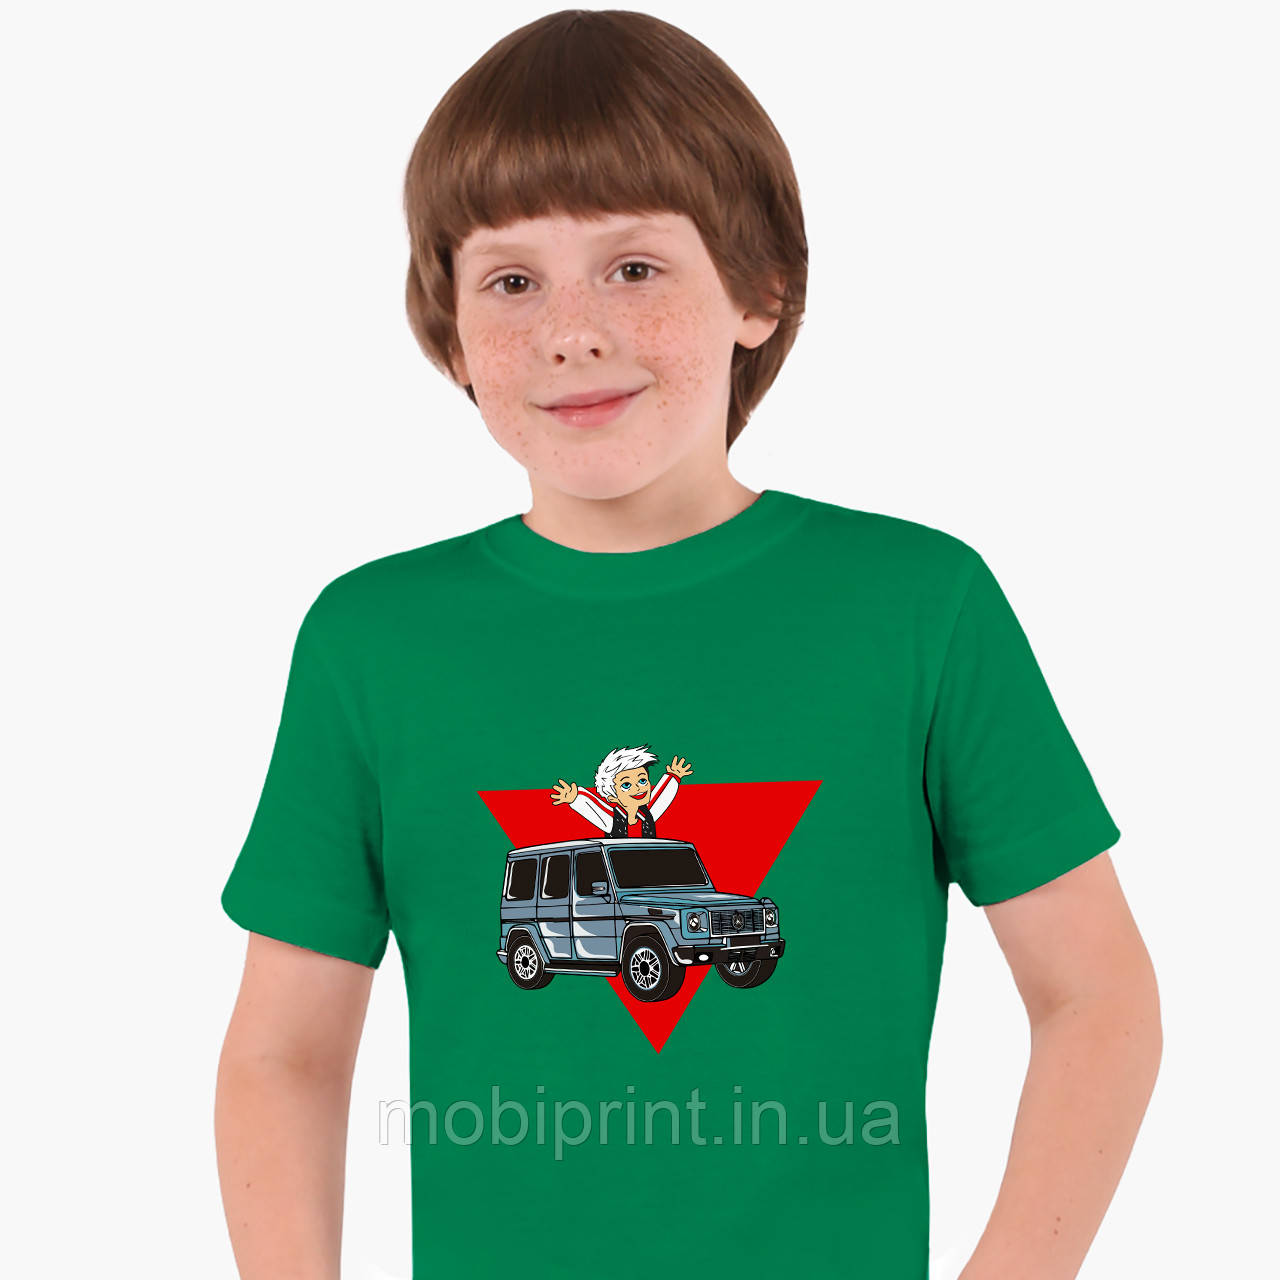 Дитяча футболка для хлопчиків блогер Влад Папір А4 (blogger Vlad A4) (25186-2618) Зелений